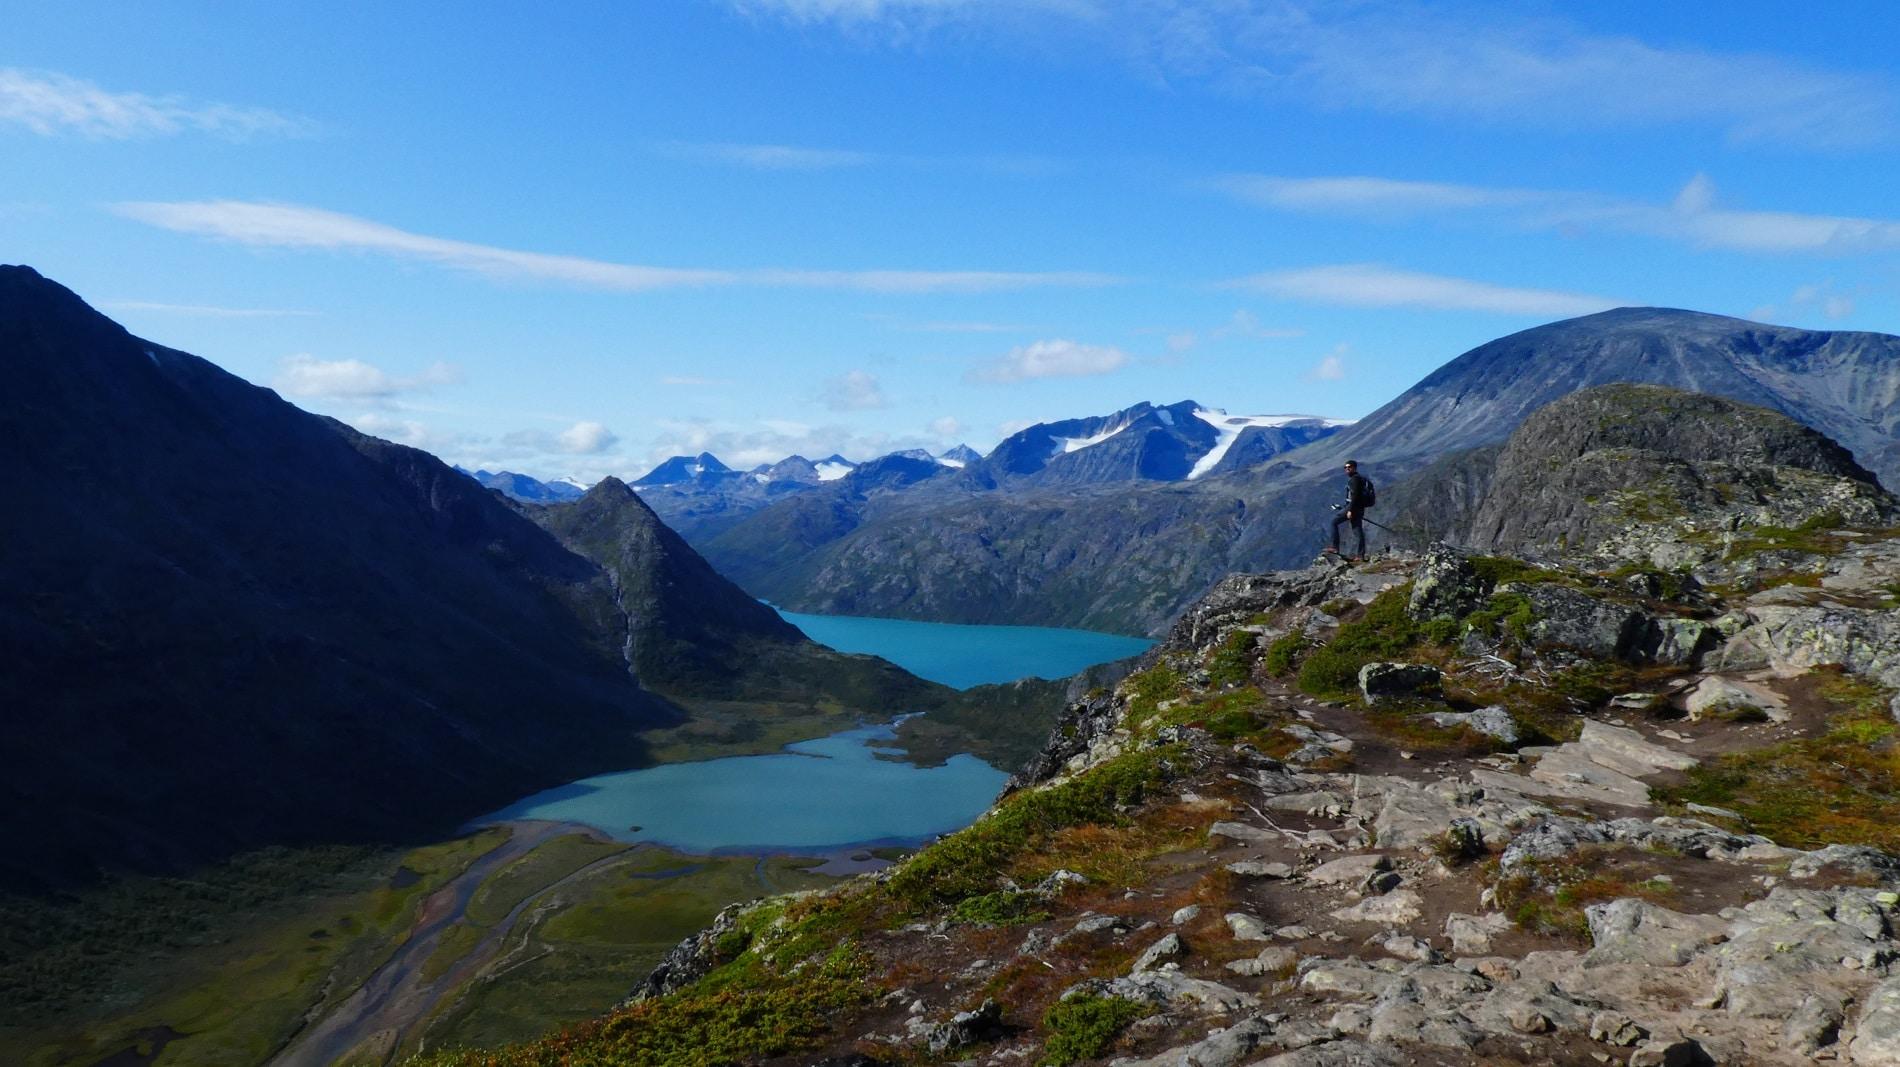 Knutshoe Berg Norwegen 1517 Meter